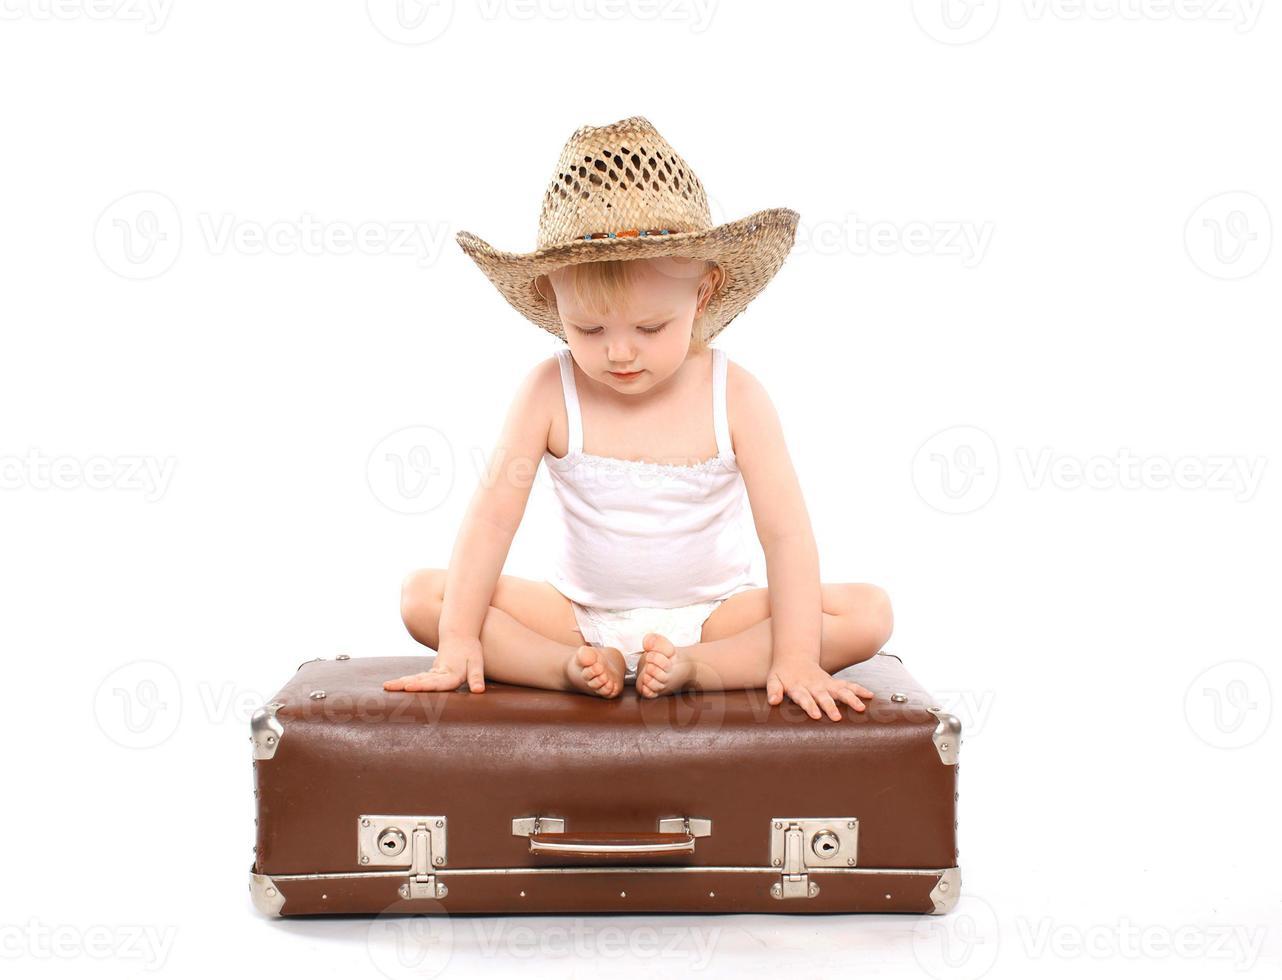 kleines Kind in einem Strohsommer foto